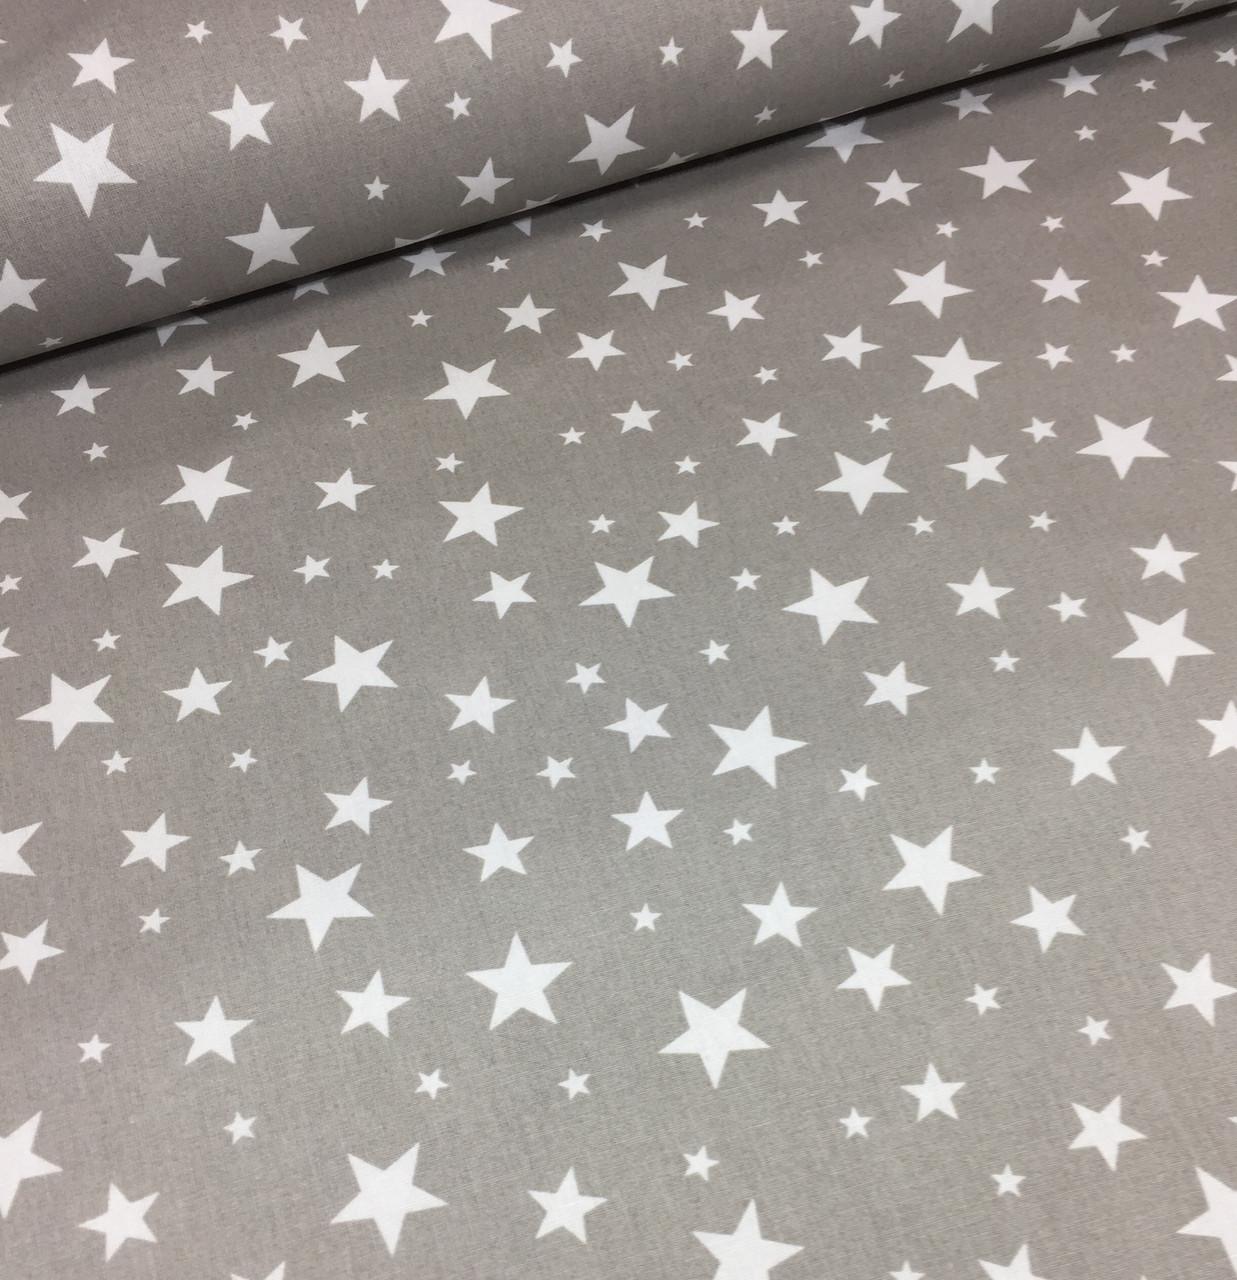 Хлопковая ткань польская звезды белые большие и маленькие на сером №382